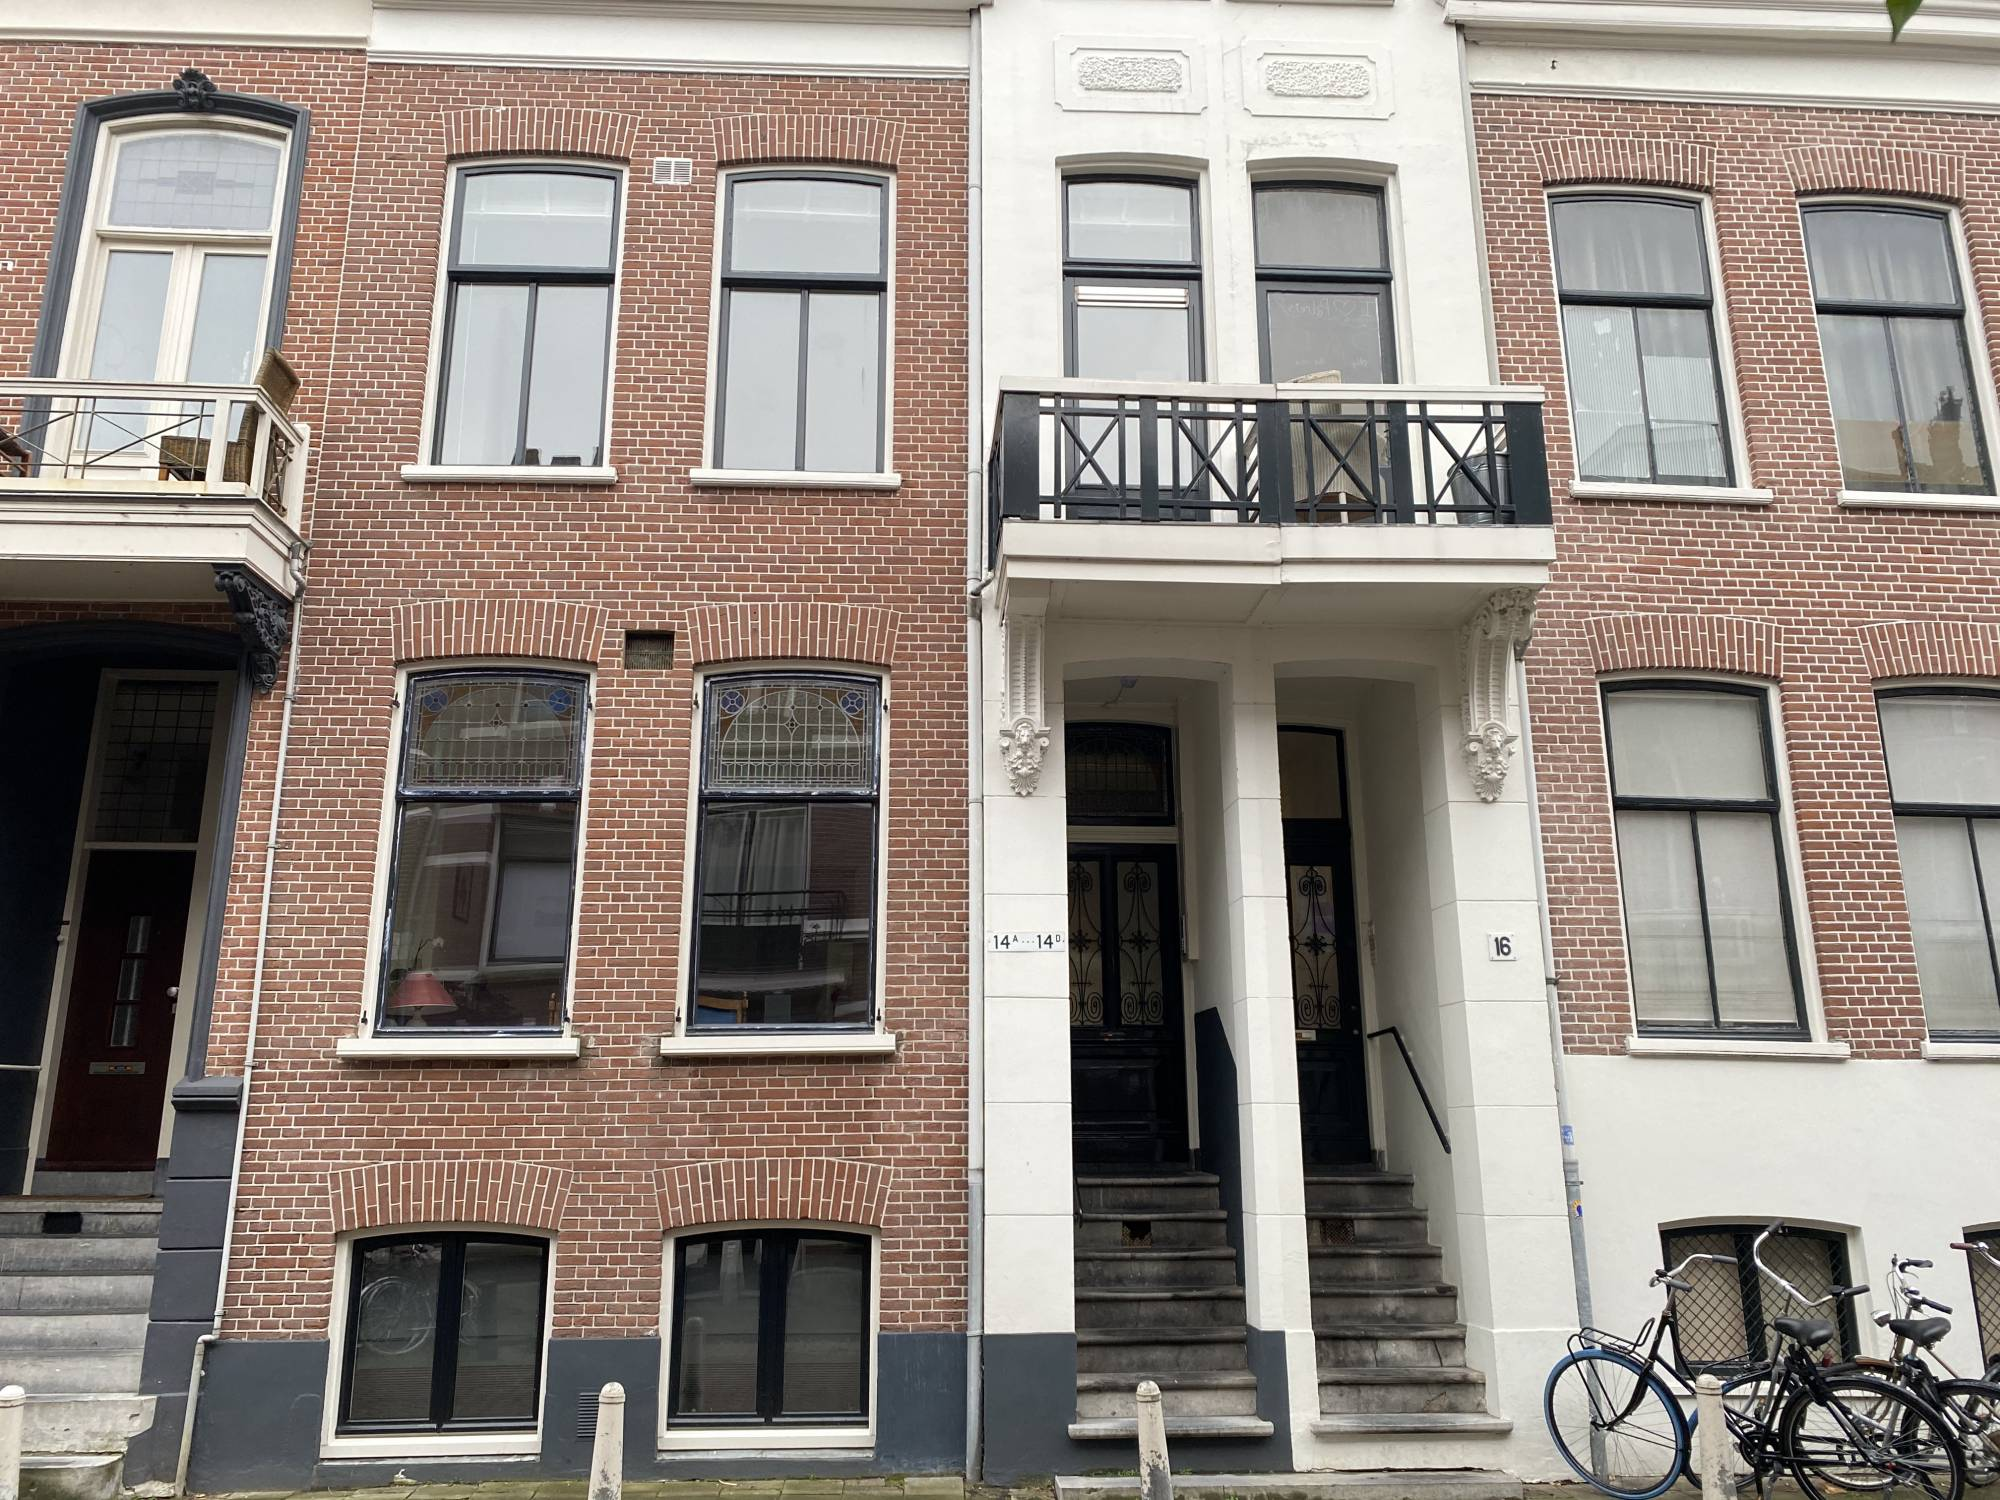 Oude Kerkstraat 14